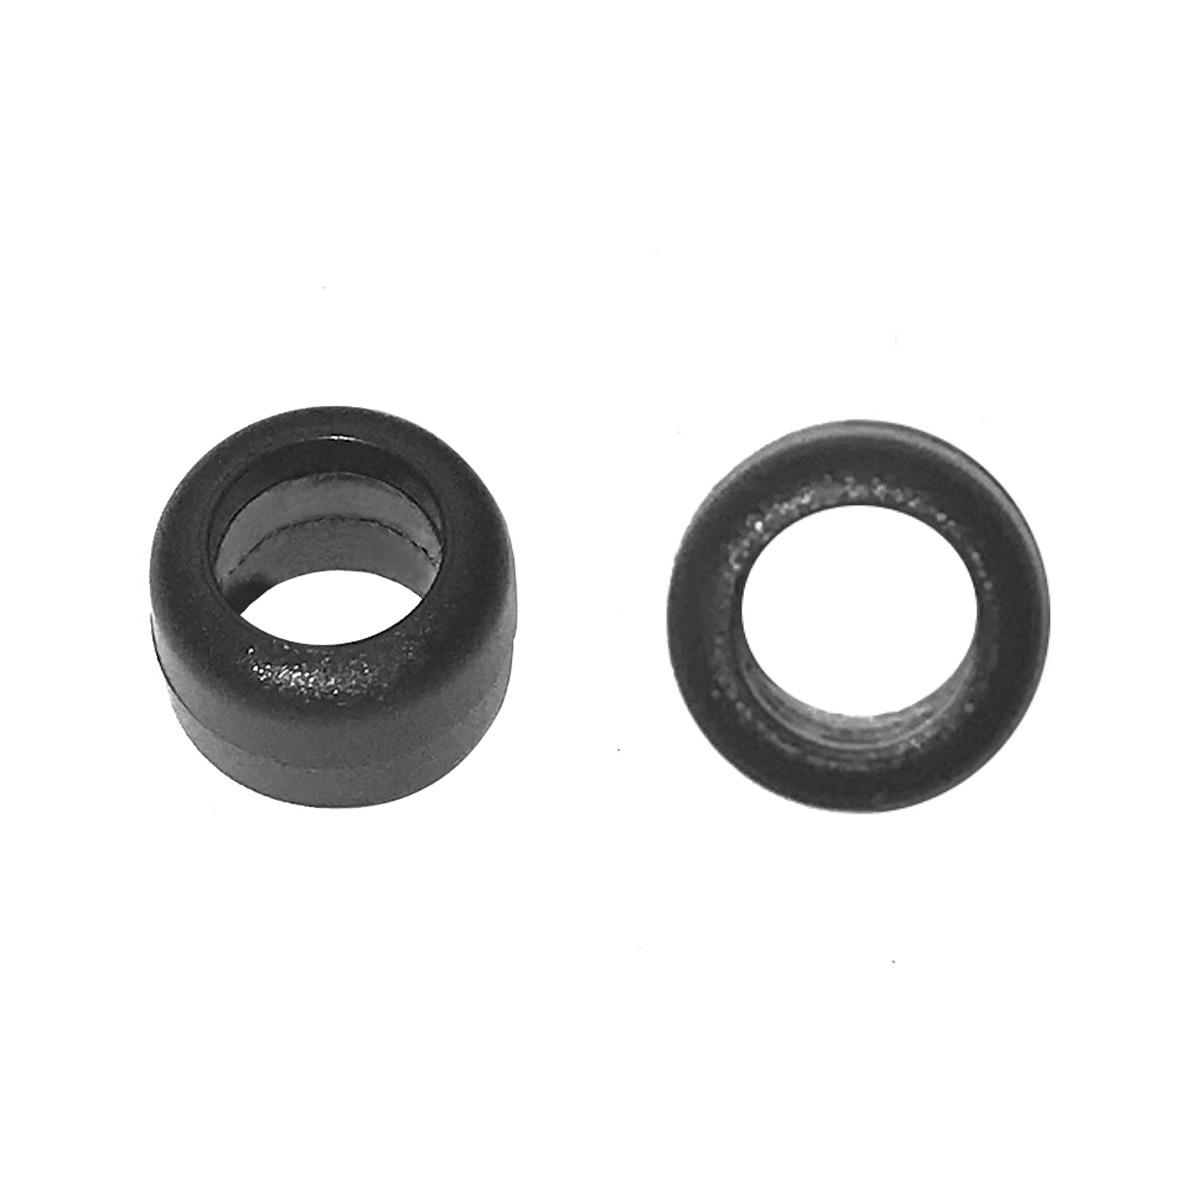 ОК-01 Ограничительное кольцо, ПП